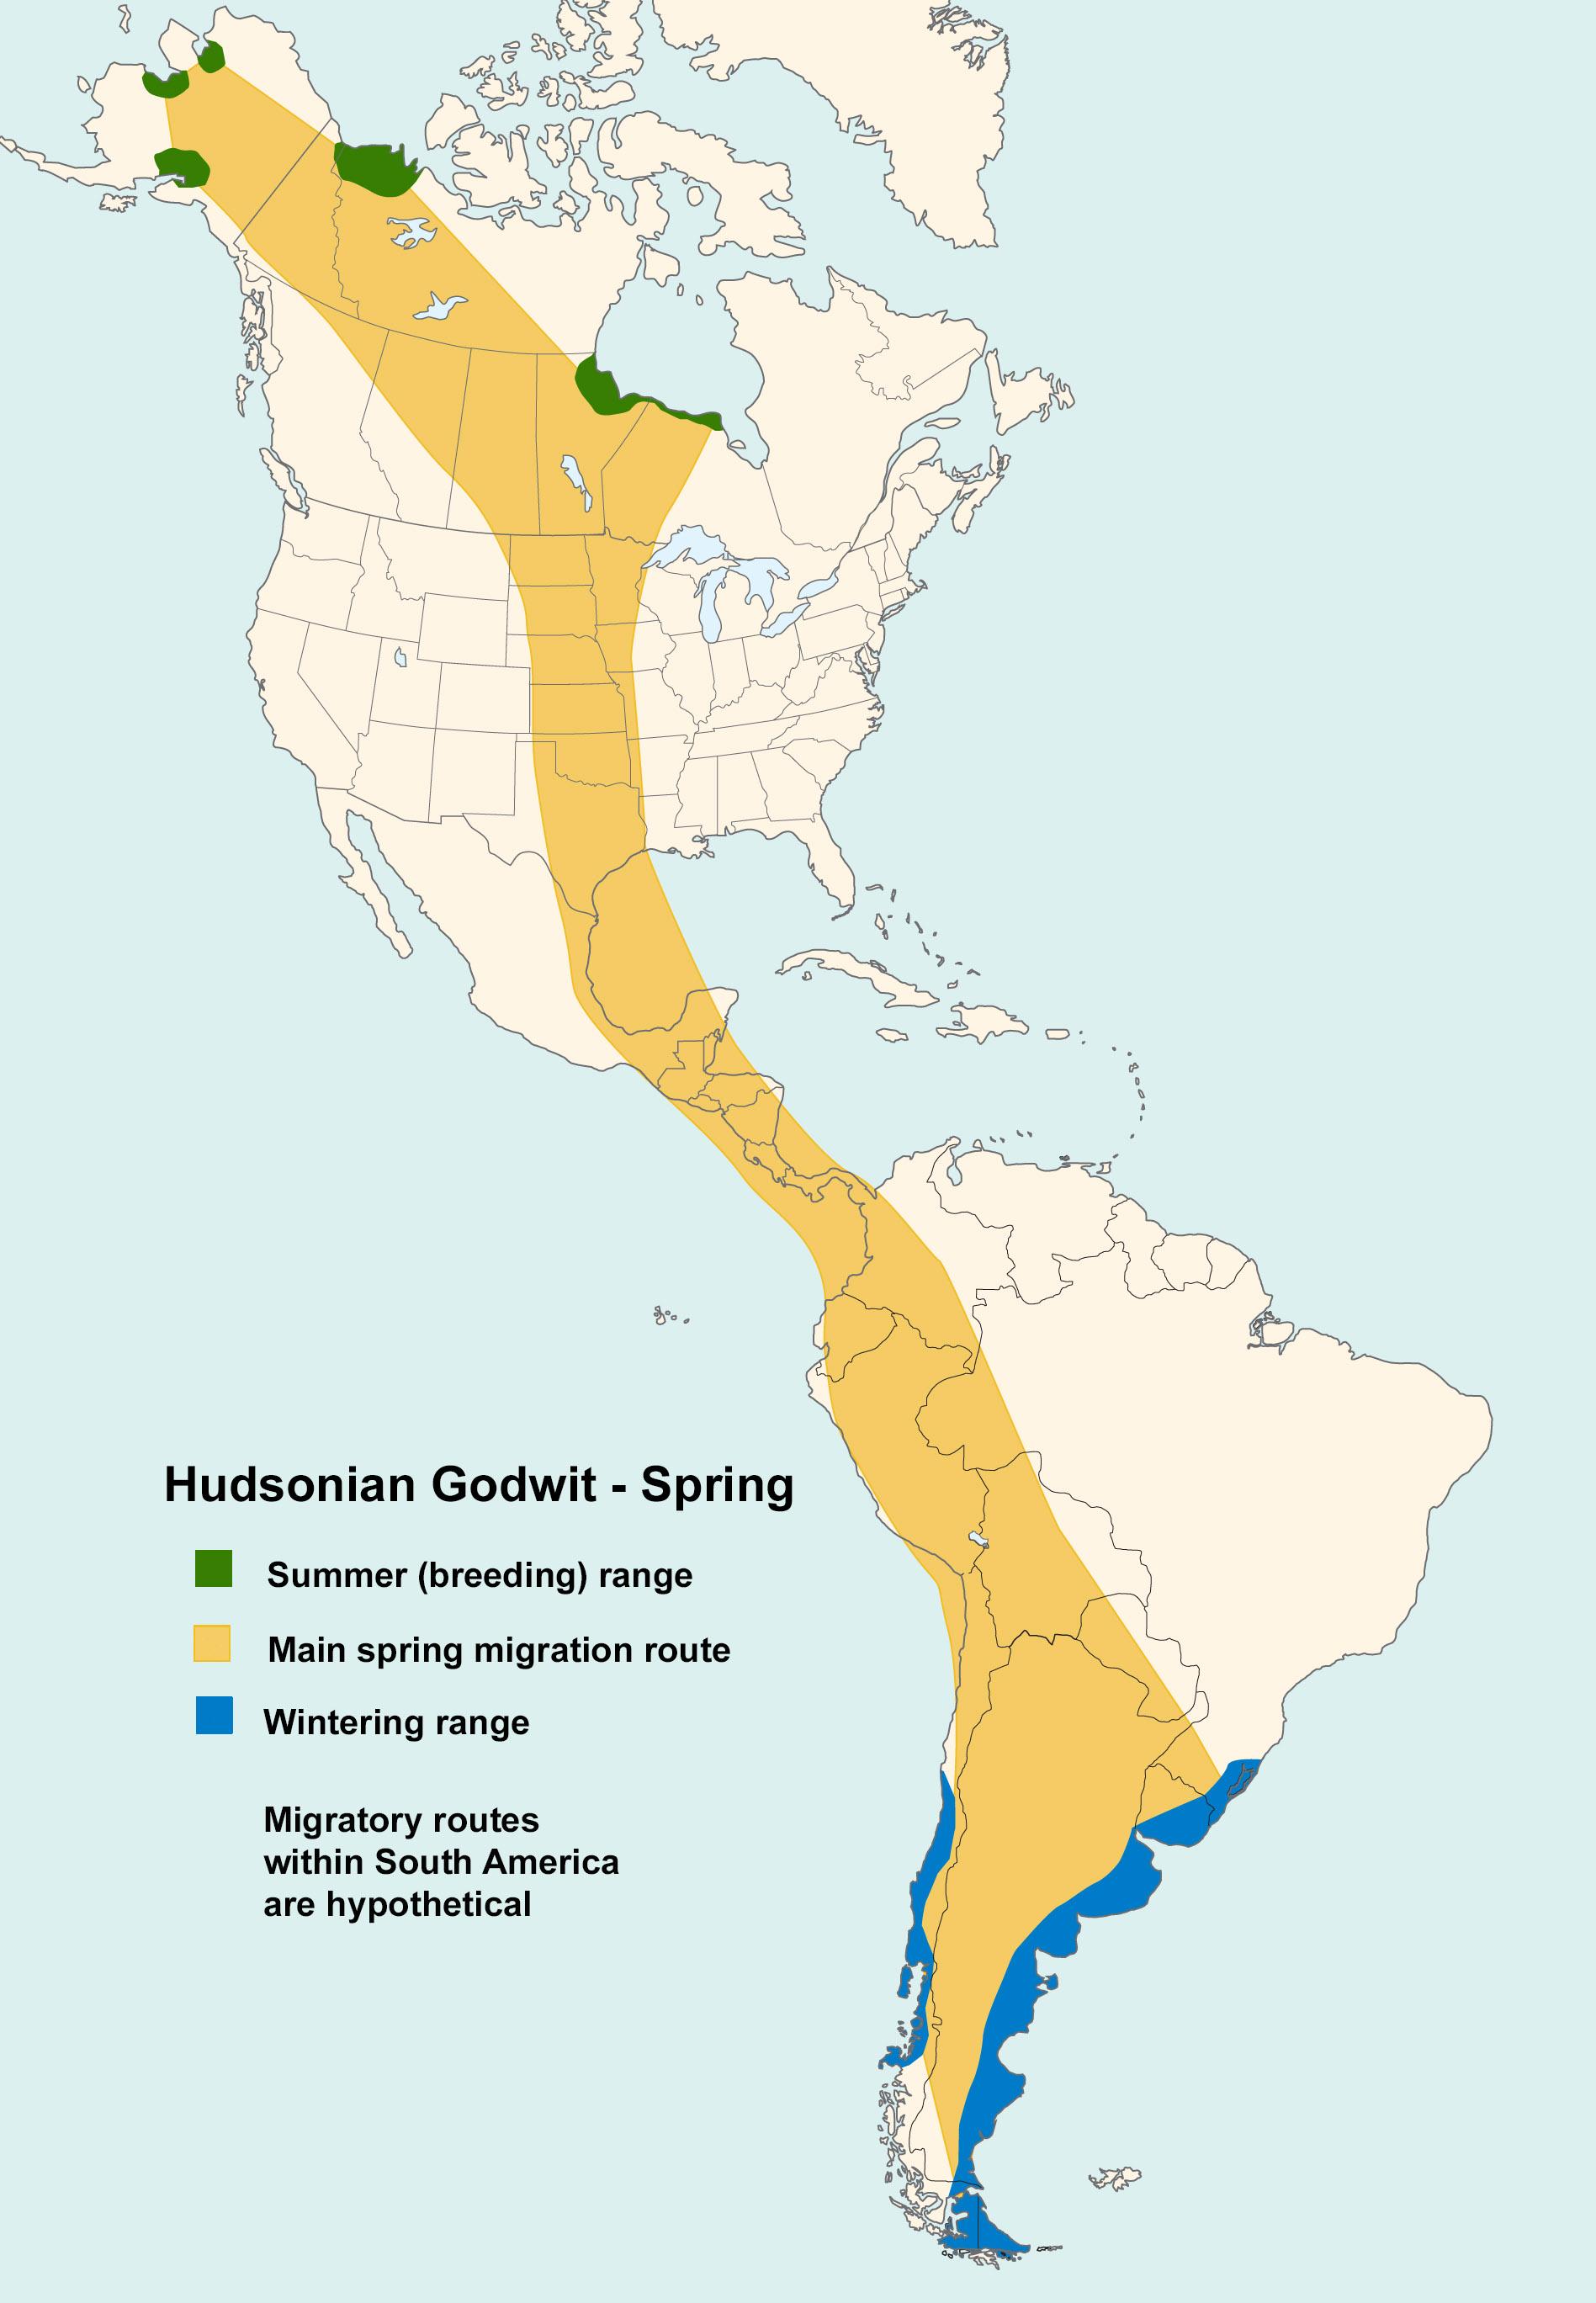 Mapa ilustrado que representa los patrones de migración de Godwit Hudsonian en primavera.